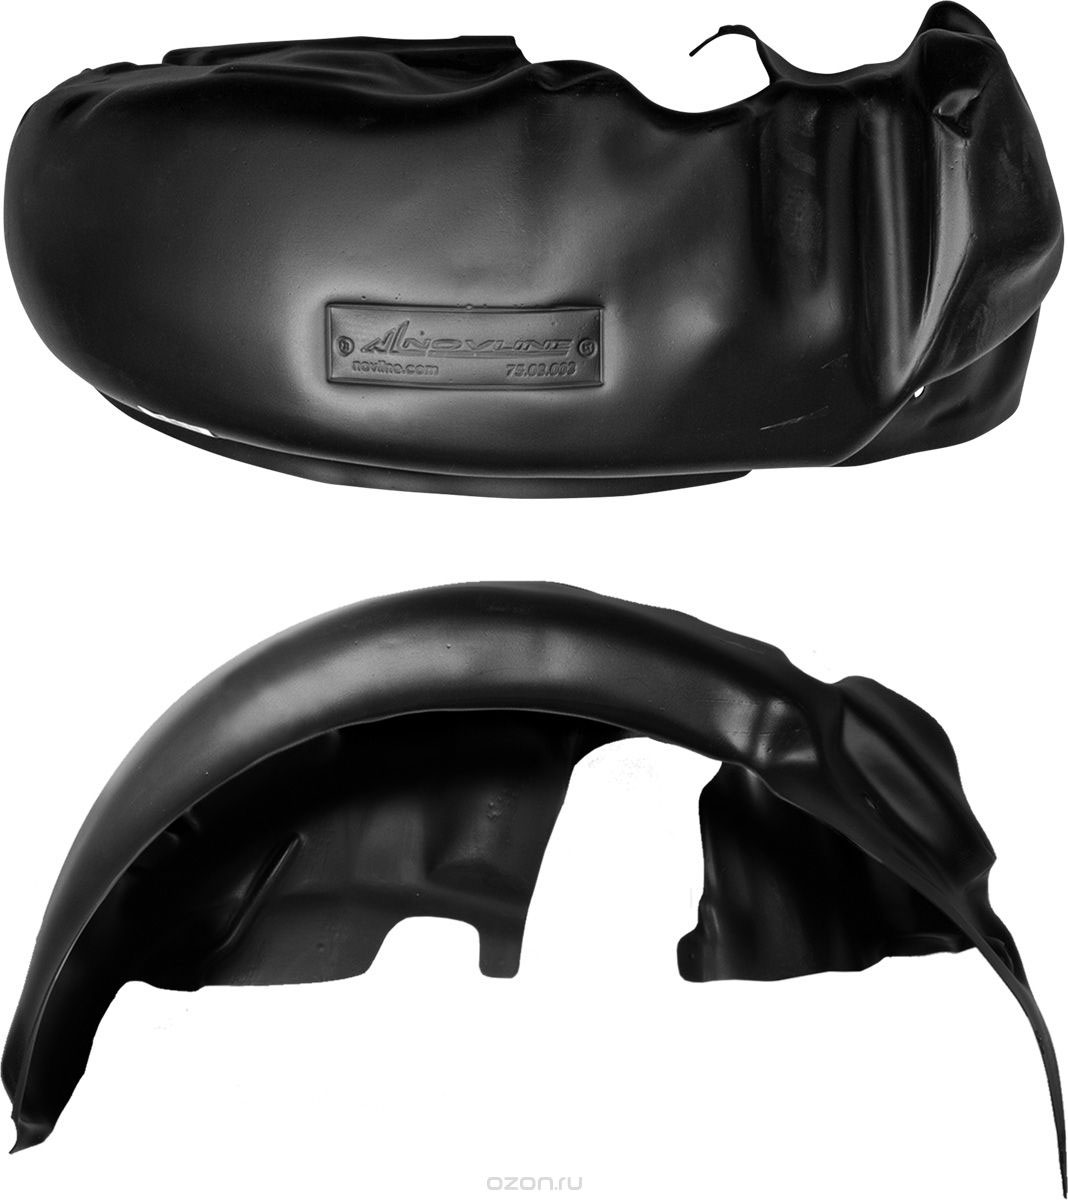 Подкрылок Novline-Autofamily, для Toyota Verso, 2012->, передний правыйNLL.48.55.002Идеальная защита колесной ниши. Локеры разработаны с применением цифровых технологий, гарантируют максимальную повторяемость поверхности арки. Изделия устанавливаются без нарушения лакокрасочного покрытия автомобиля, каждый подкрылок комплектуется крепежом. Уважаемые клиенты, обращаем ваше внимание, что фотографии на подкрылки универсальные и не отражают реальную форму изделия. При этом само изделие идет точно под размер указанного автомобиля.